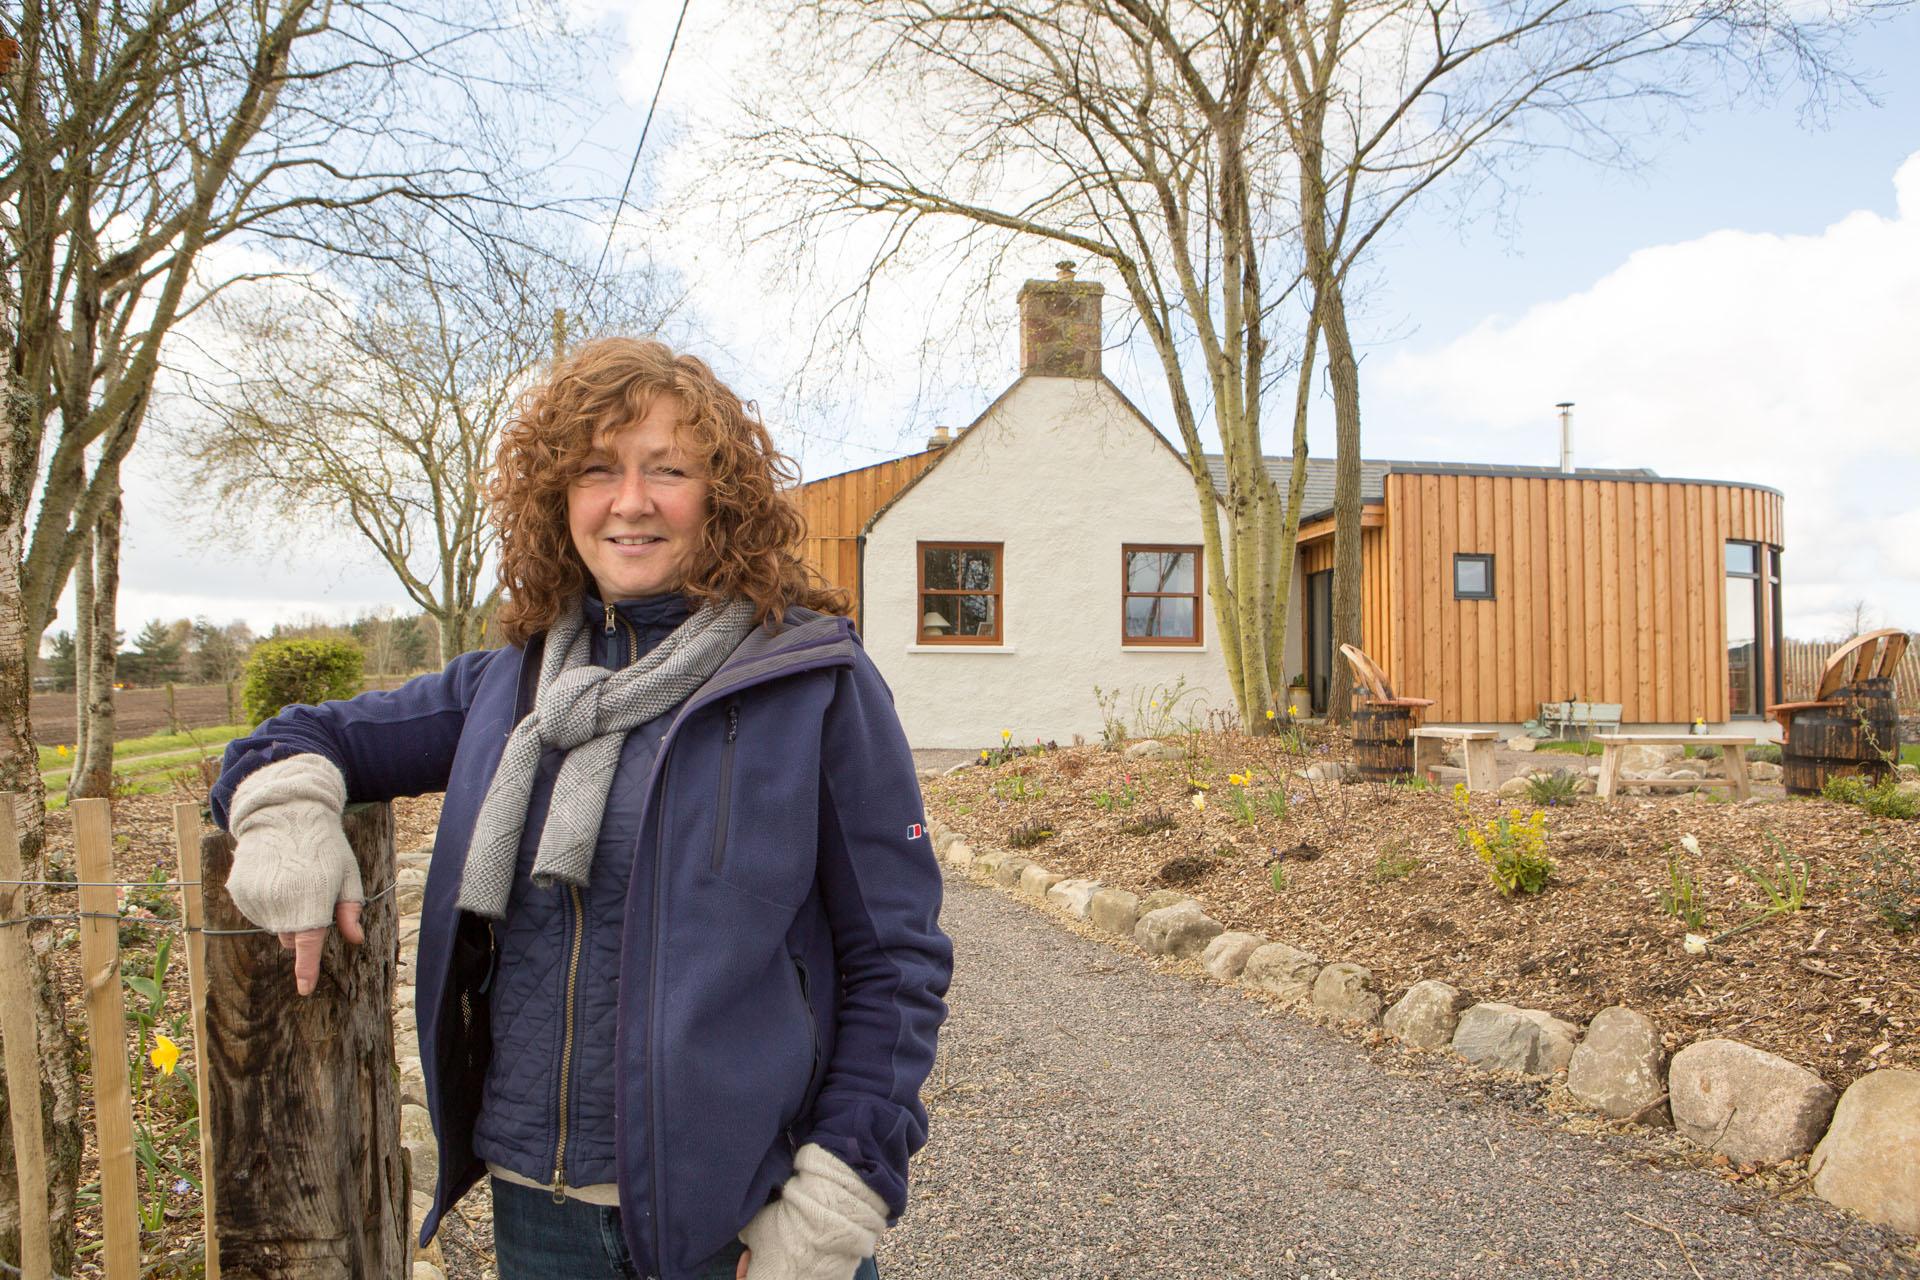 Caroline renewables user outside her home